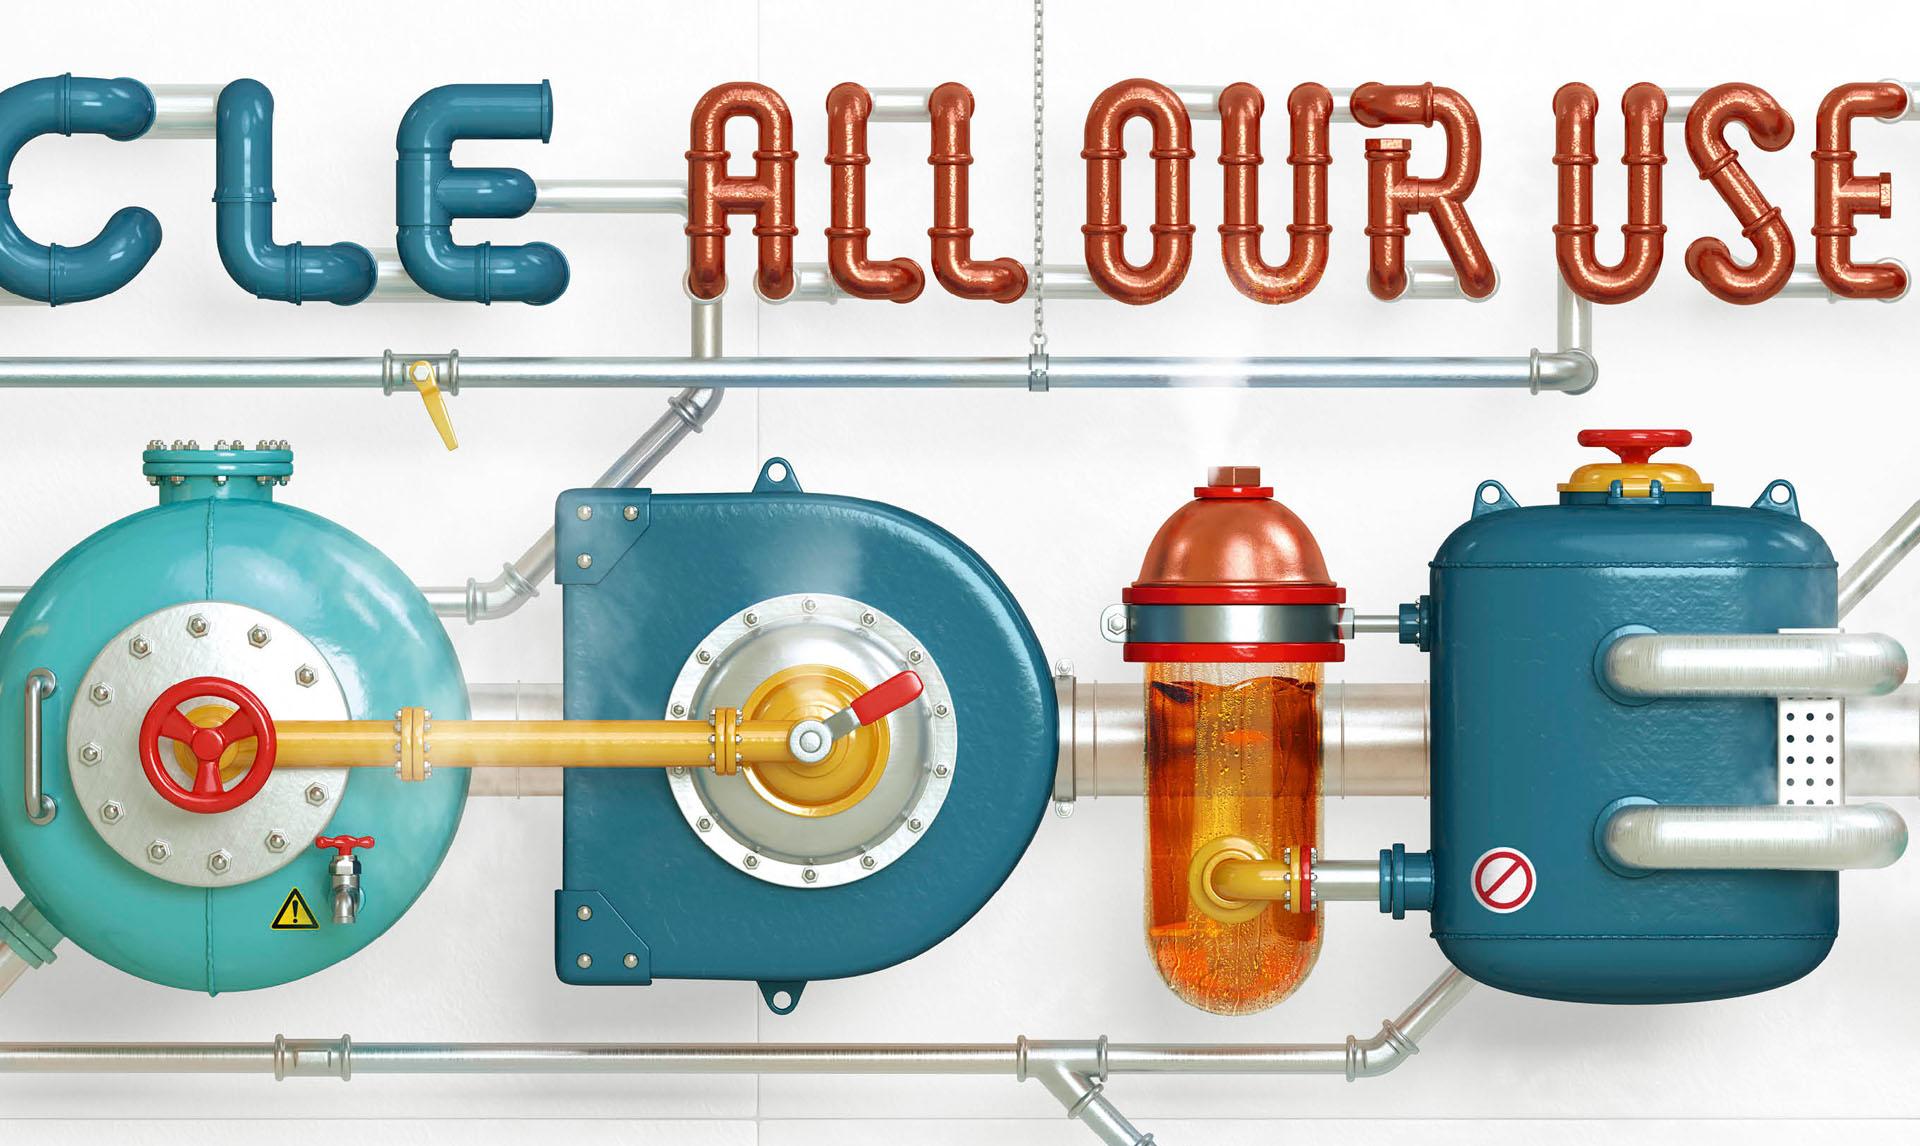 YIPPIEHEY_3d_illustration_McDonalds_Biodiesel_crop2